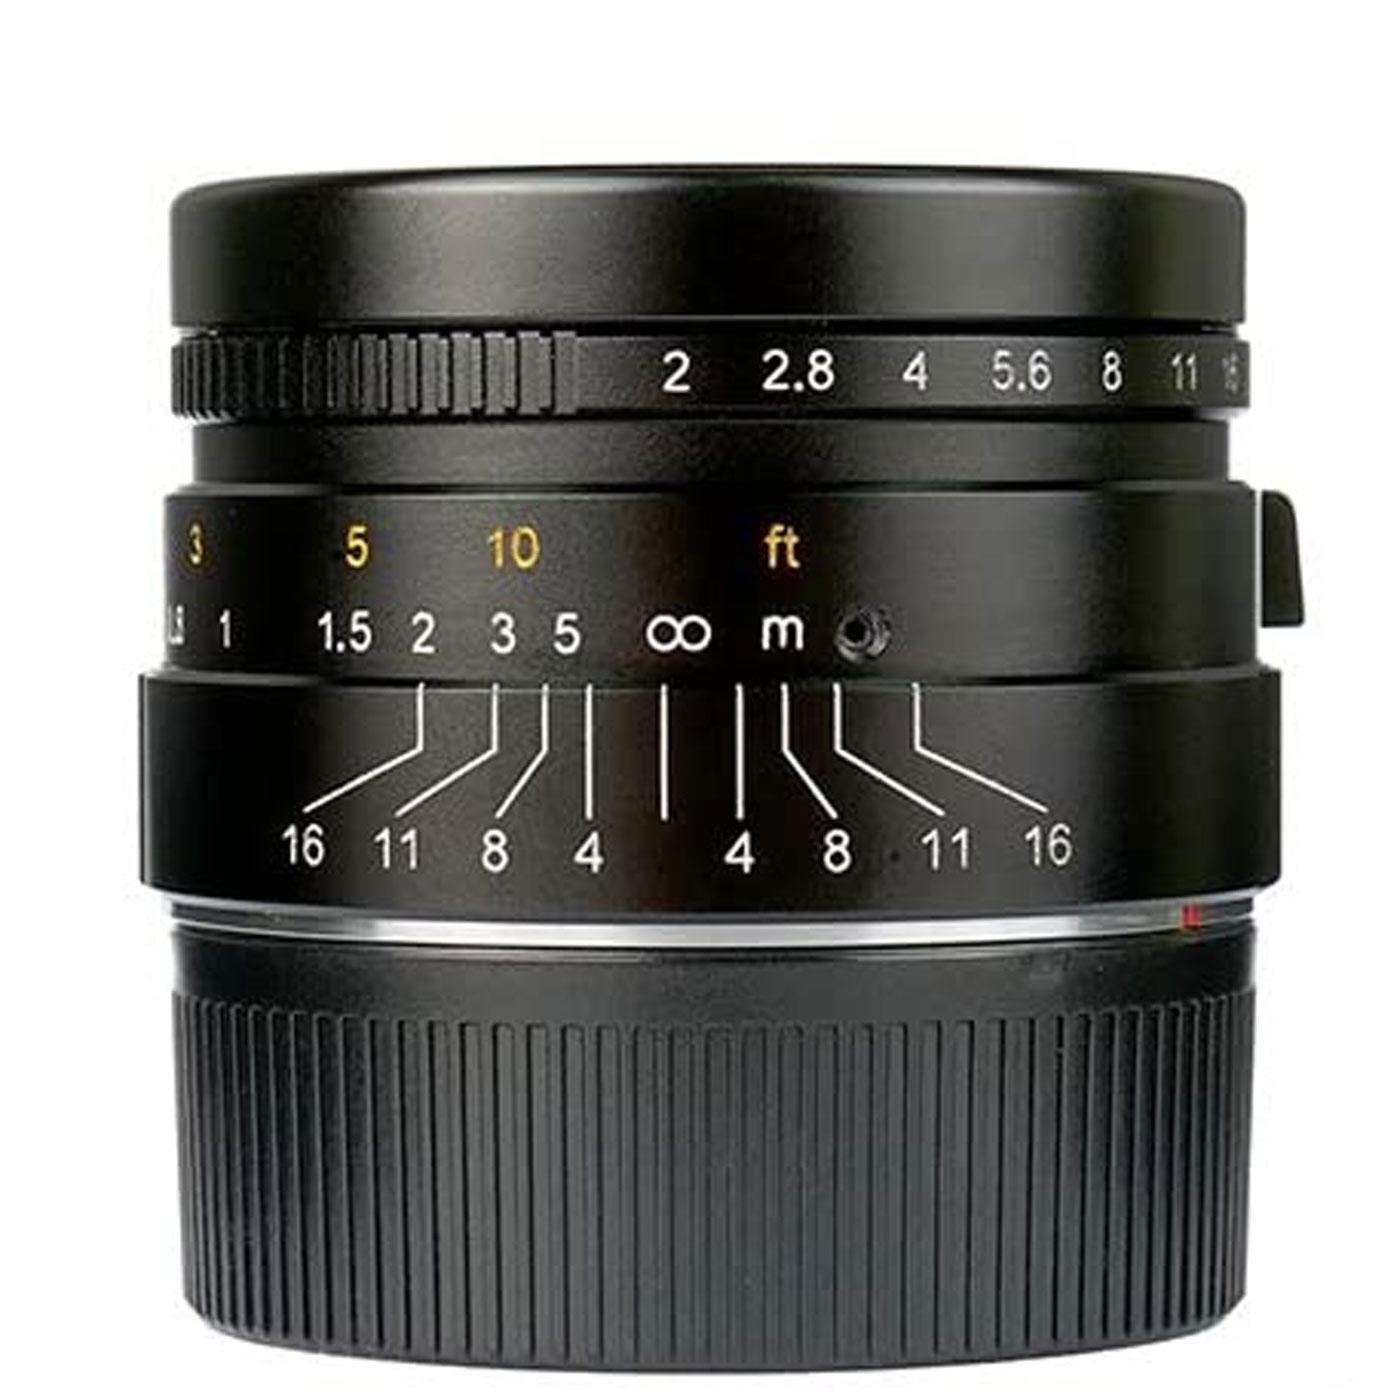 7Artisans 35 mm 1:2,0 für Leica M